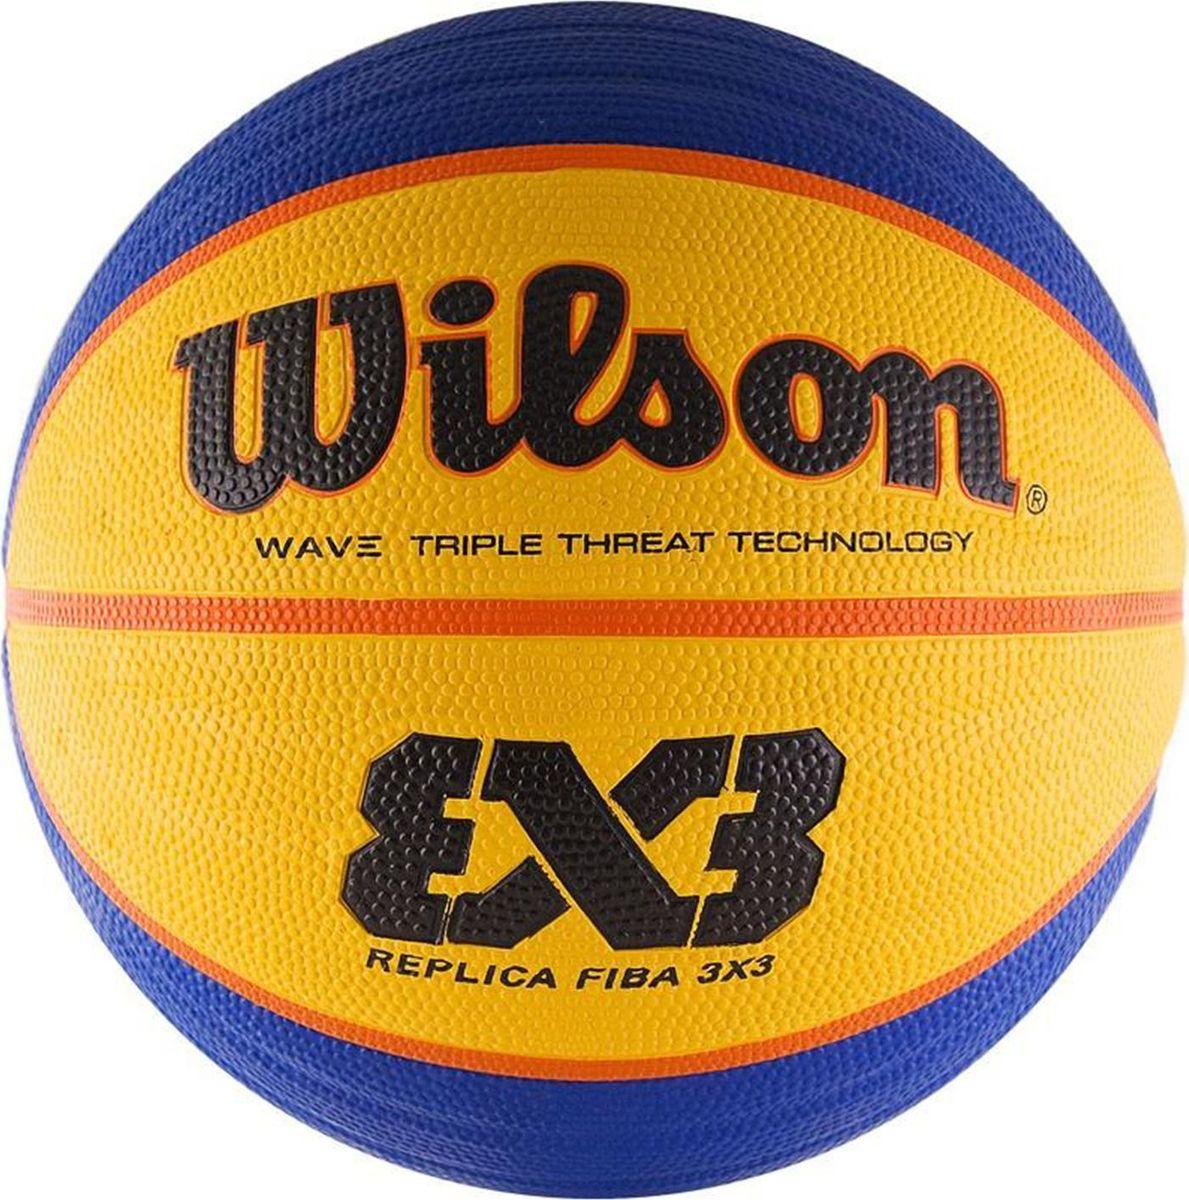 Мяч баскетбольный Wilson Fiba 3X3 Replica, цвет: темно-синий. Размер: 6WTB1033XBТехнология Wave Triple Threat, обеспечивающая супер контроль над мячом во время игры, материал, предназначенный для всех видов игровых площадок. Камера закрывается под давлением воздуха для сохранения и поддержания оптимального размера.